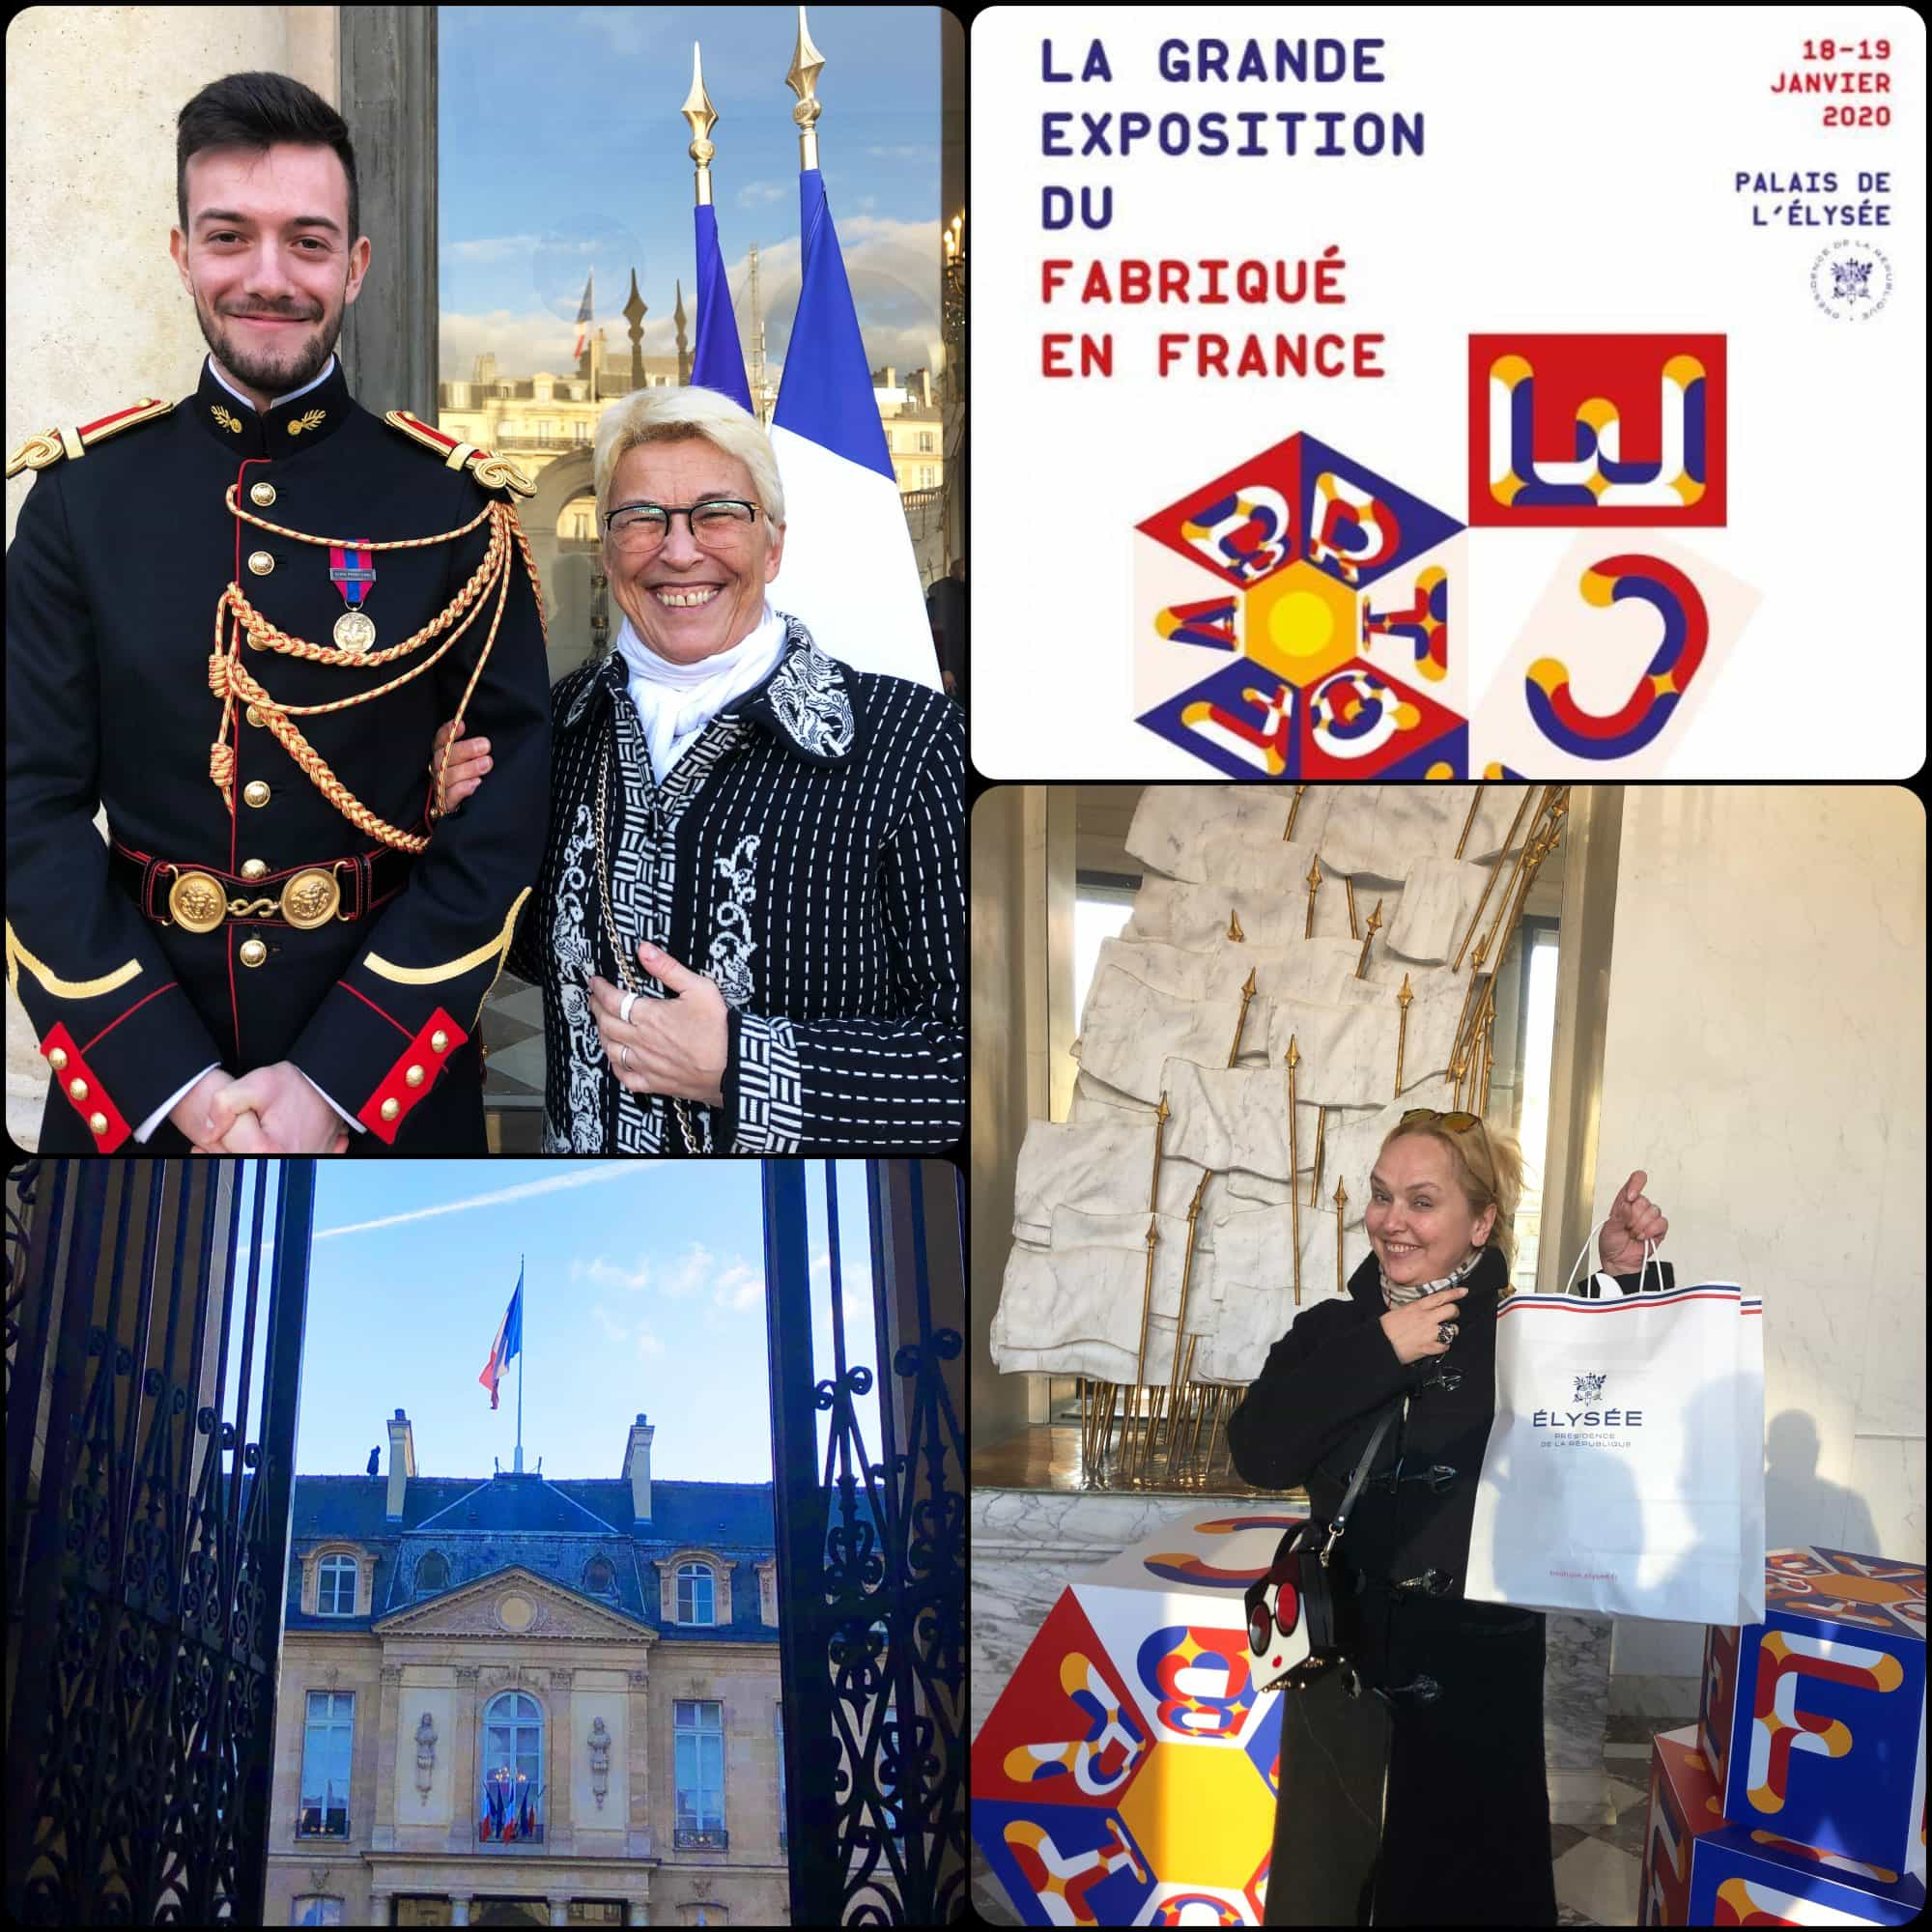 Eleonora de Gray and Guillaumette Duplaix - RUNWAY MAGAZINE.   Fabriqué en France à Présidence de la République par RUNWAY MAGAZINE